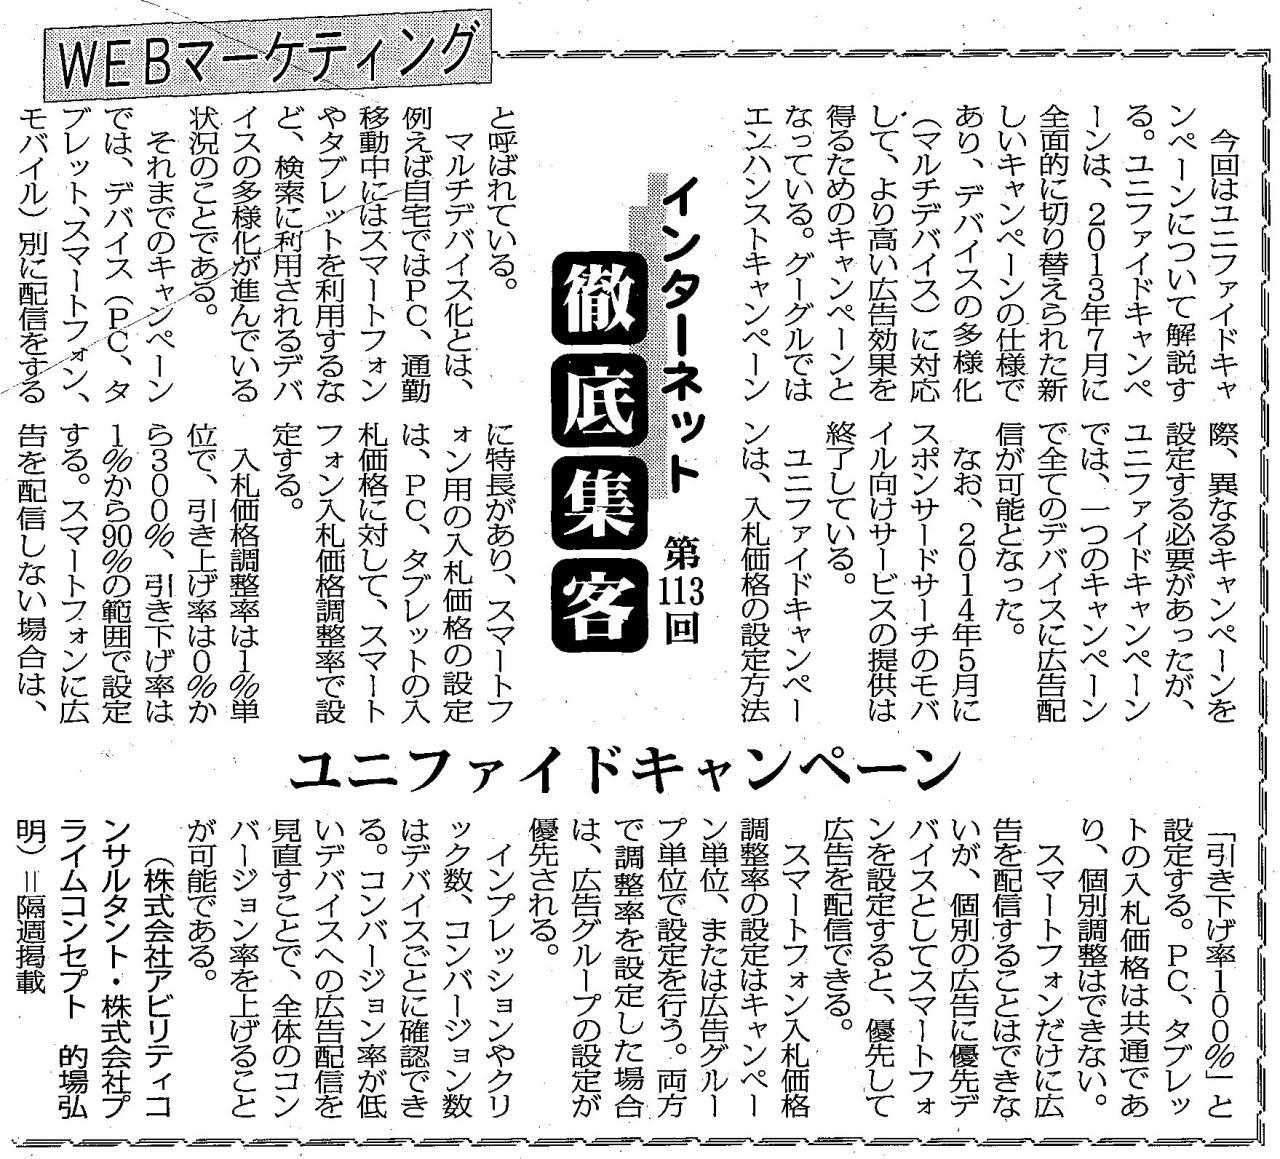 【第113回】WEBマーケティング ユニファイドキャンペーン